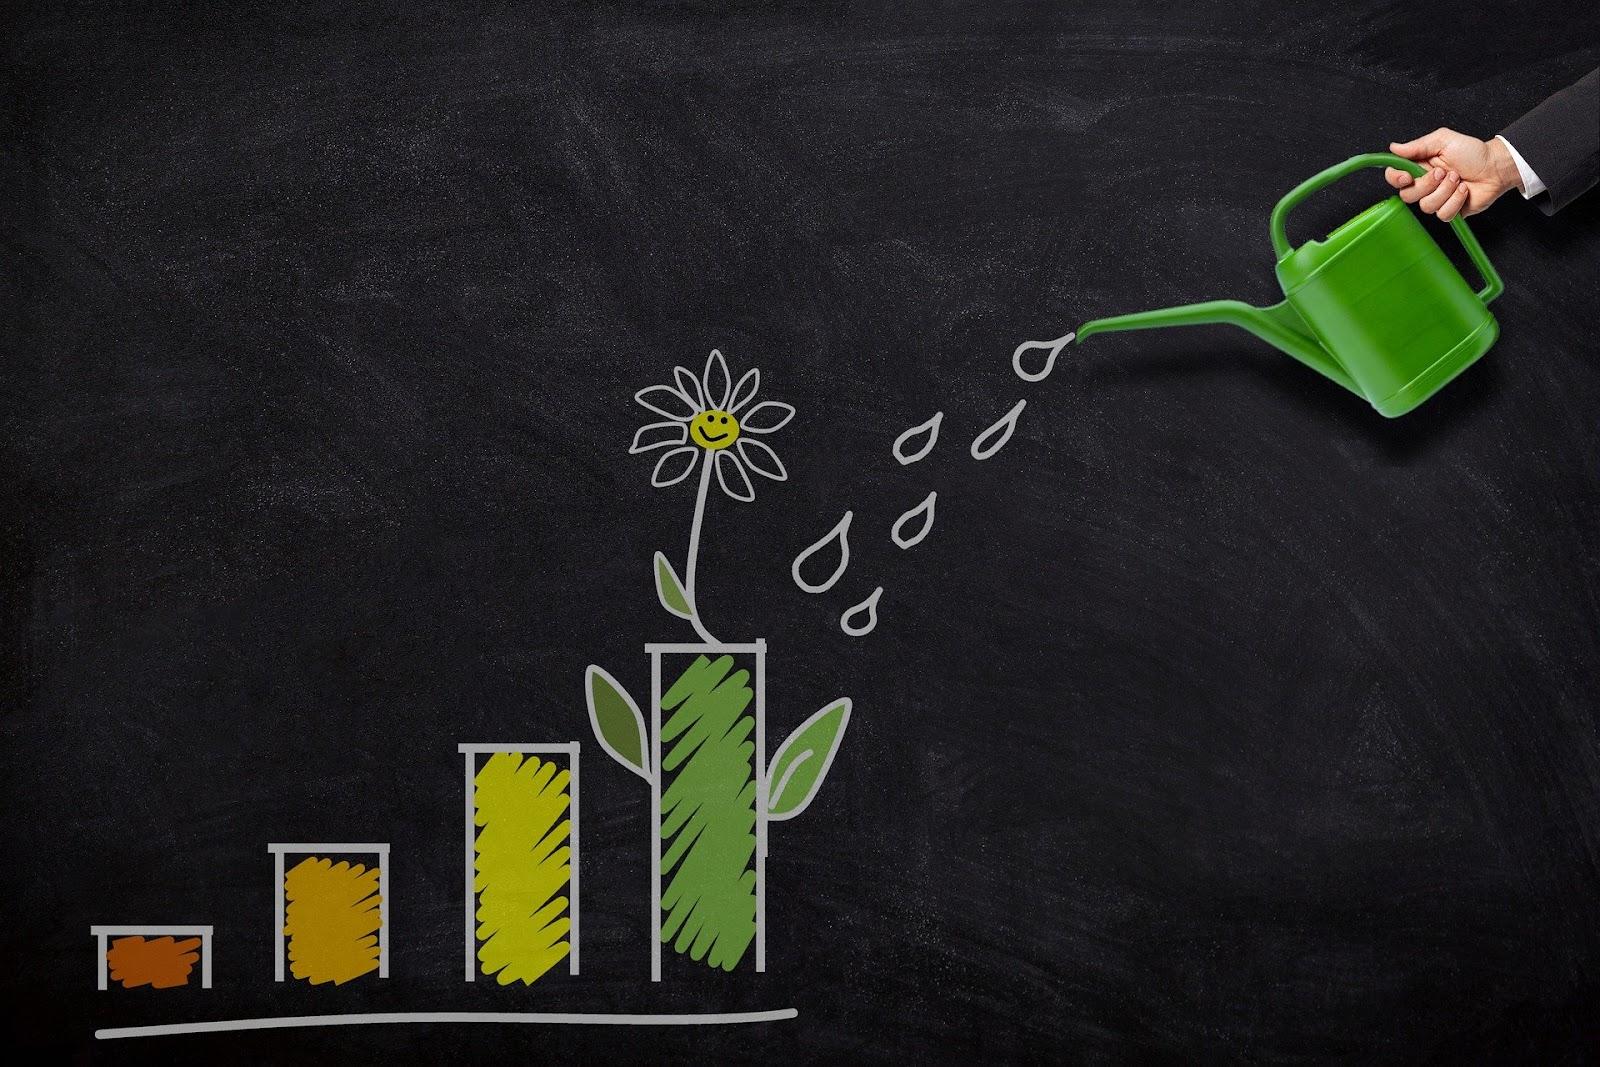 Marketing automation nurtures growth